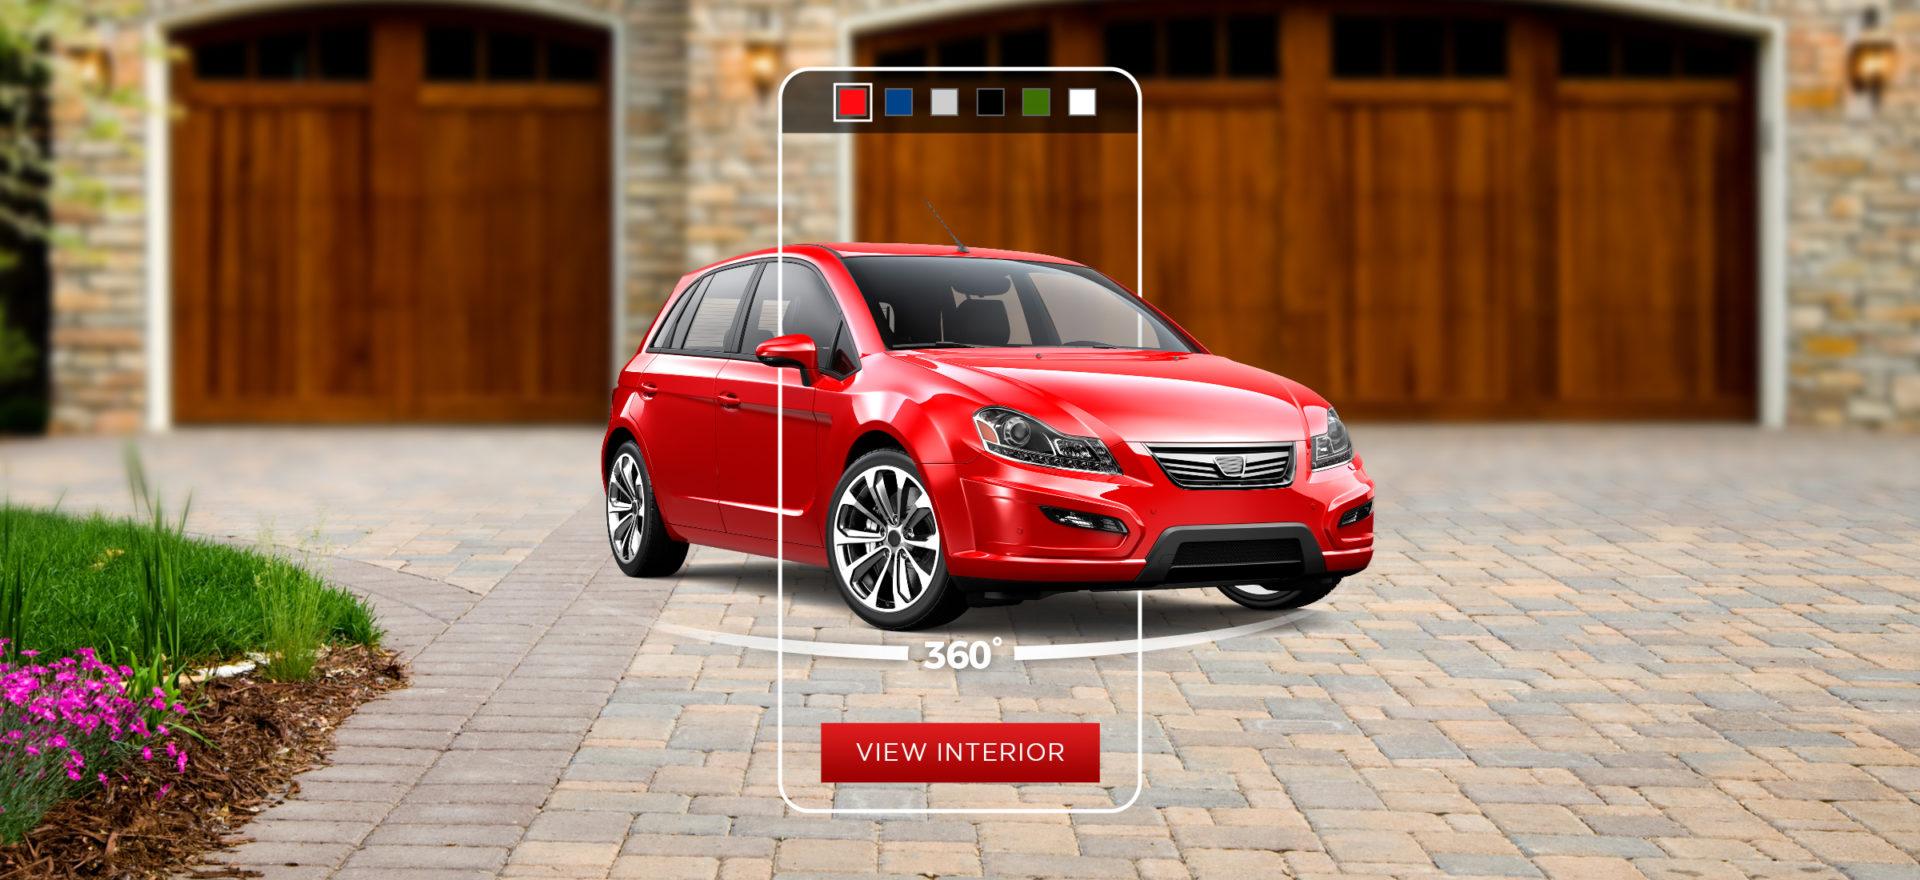 AR for Auto